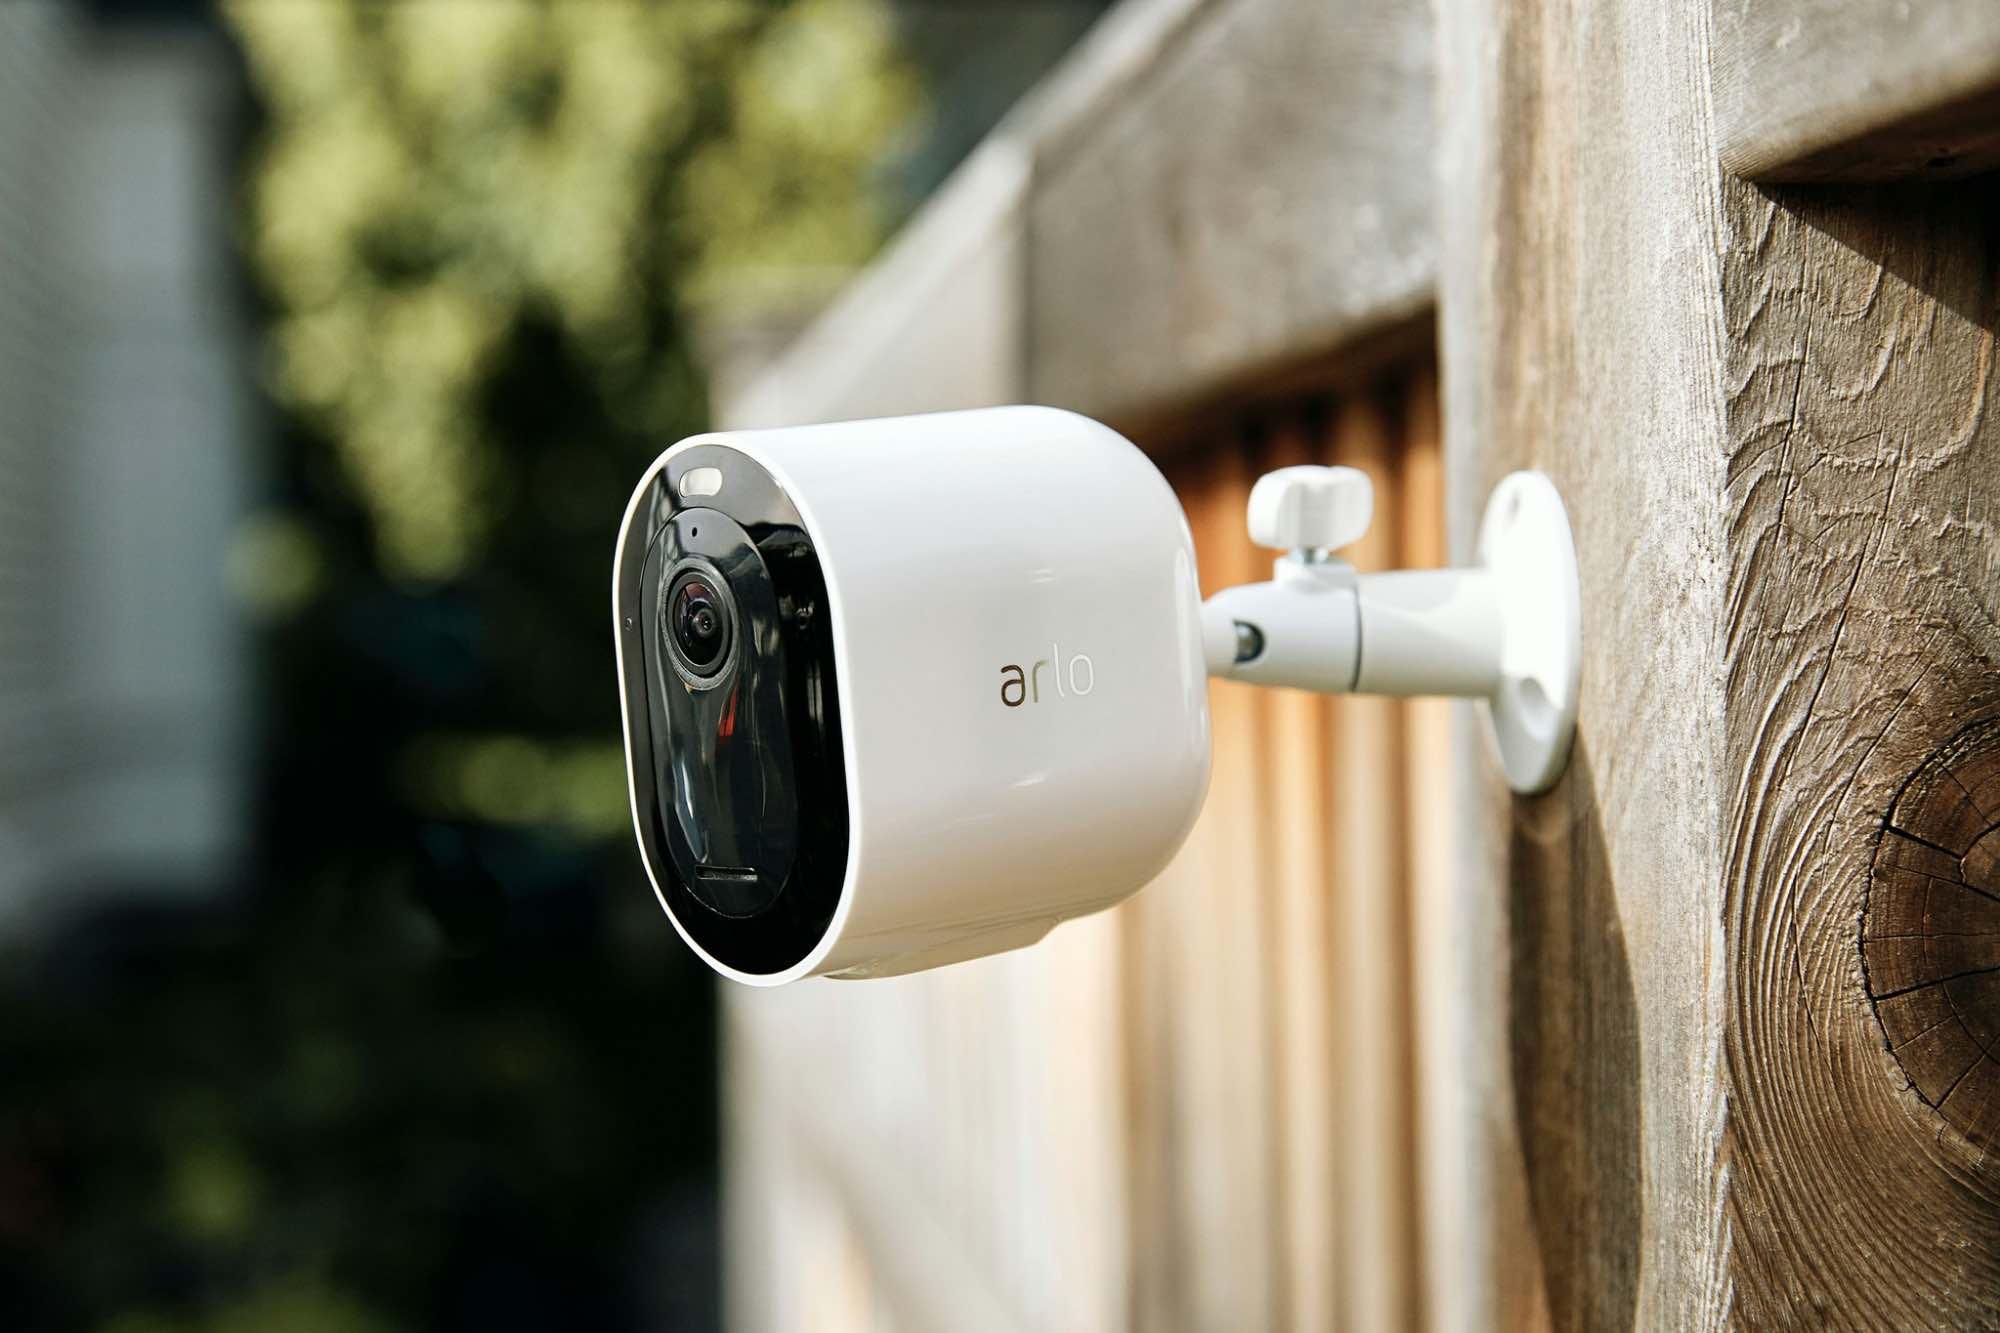 Arlo Home Cameras